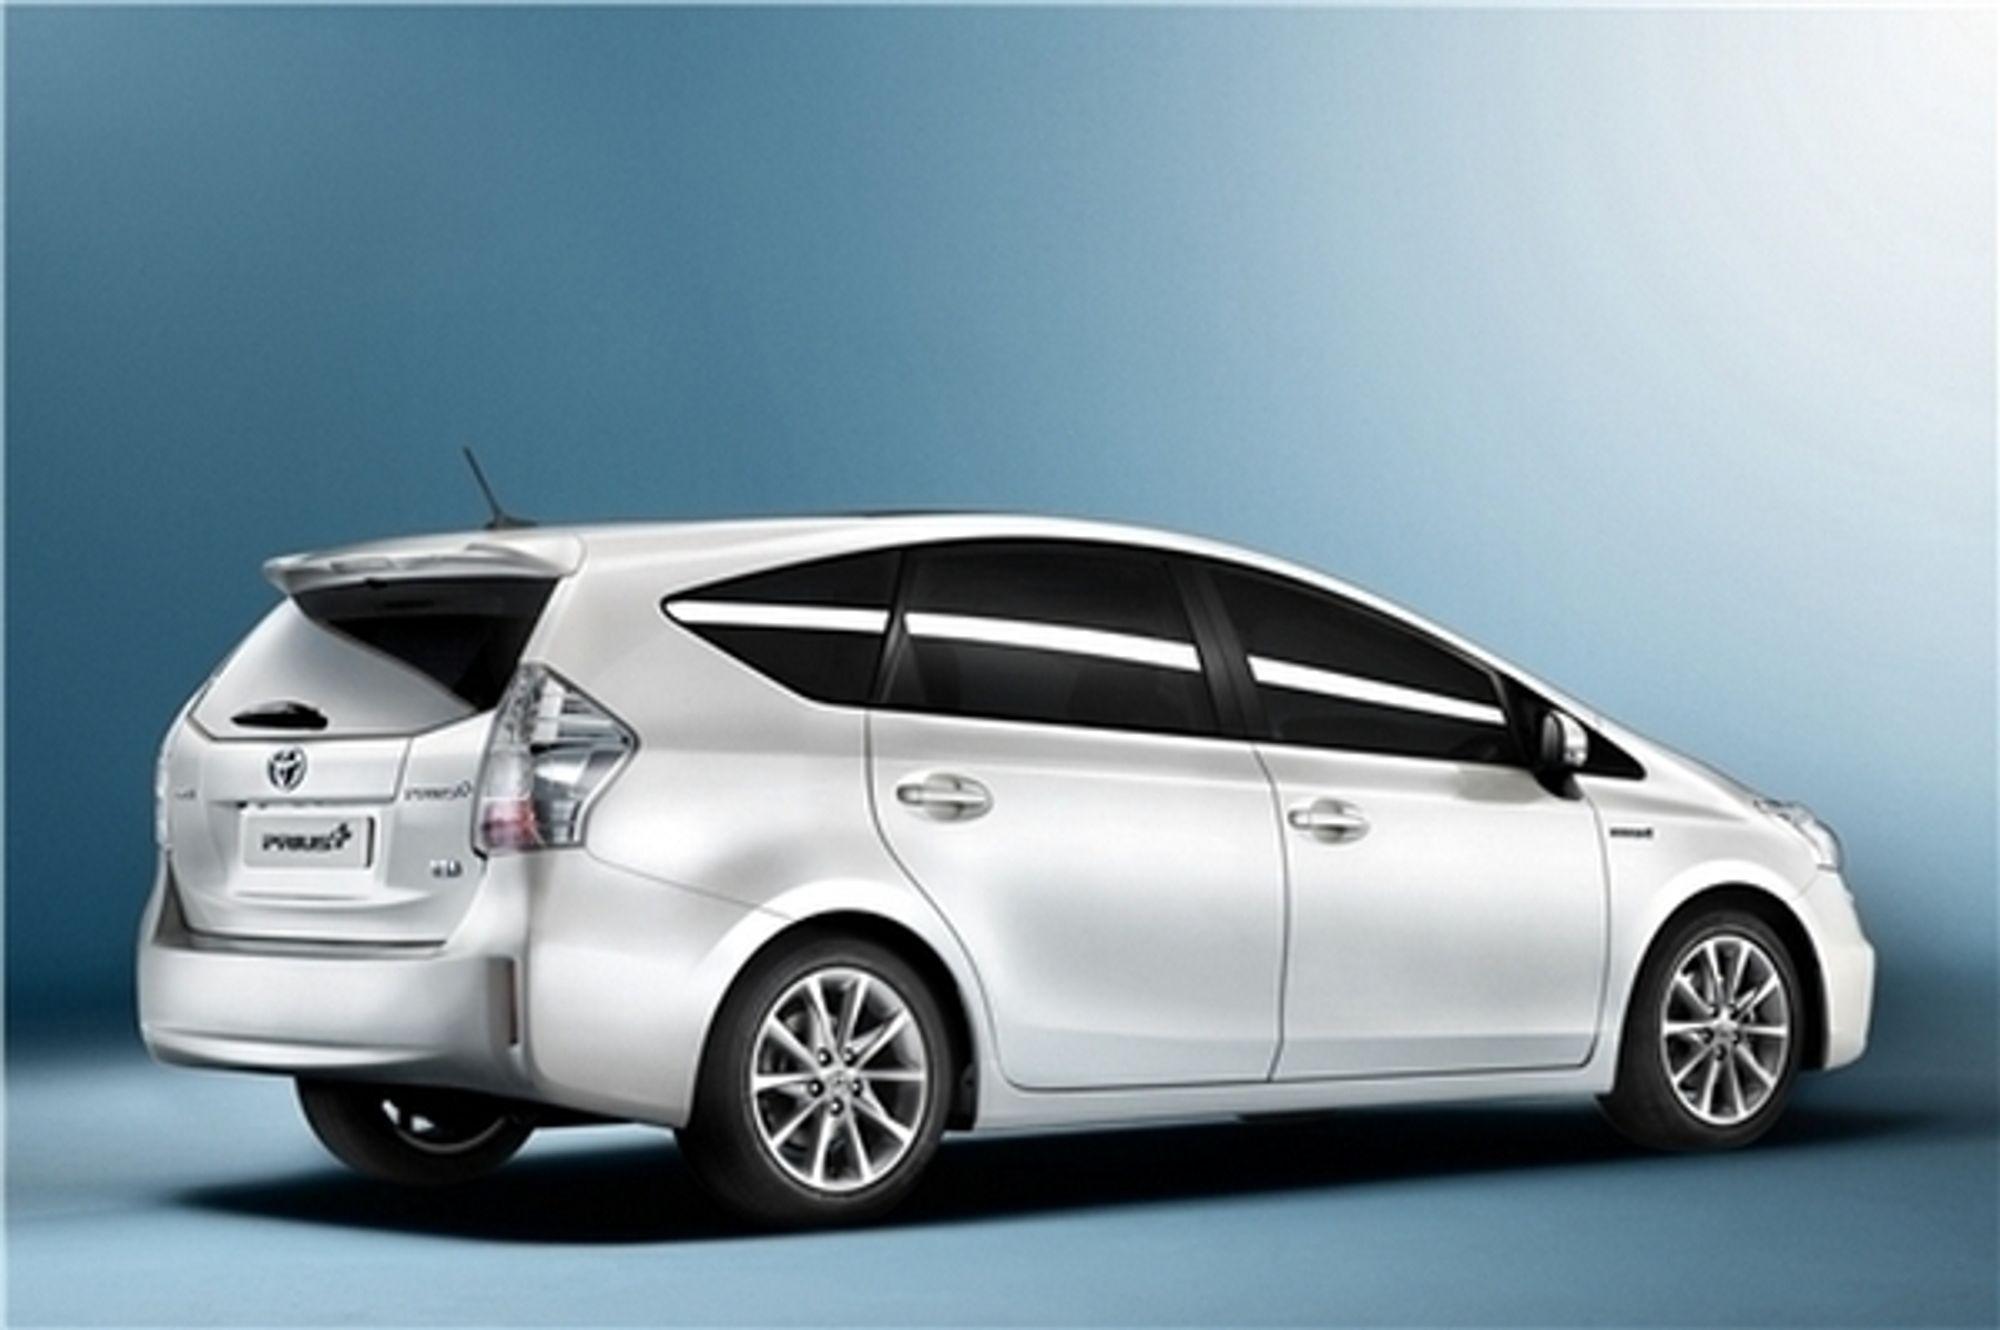 Toyota Prius+, som kommer om et år, har plass til sju.